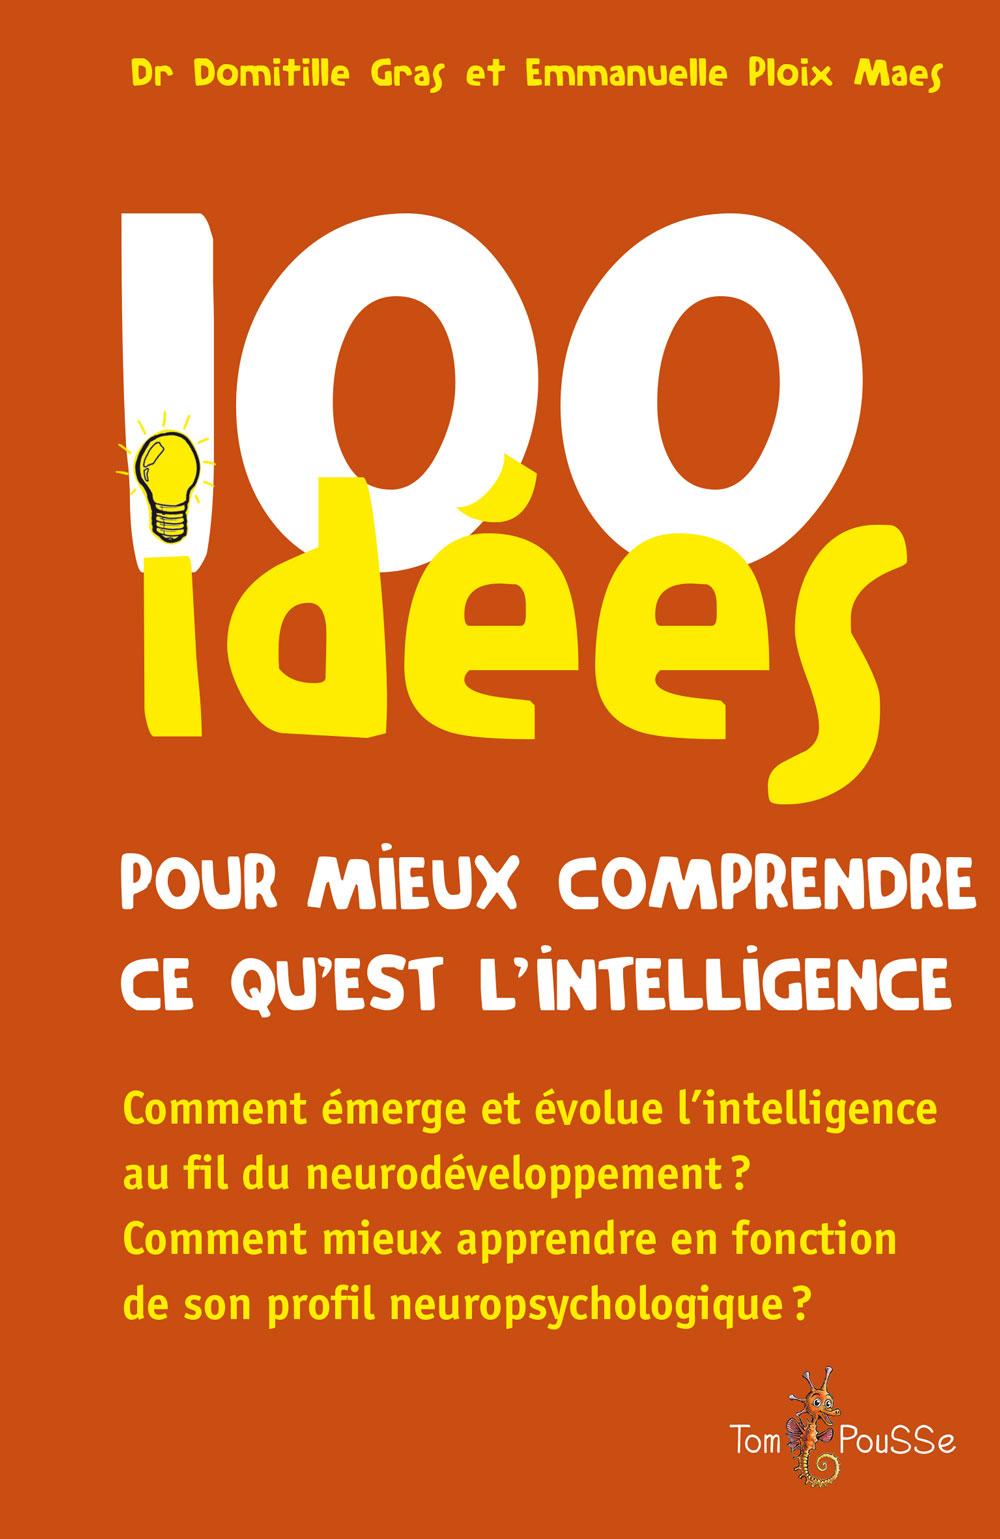 100 idées pour mieux comprendre ce qu'est l'intelligence